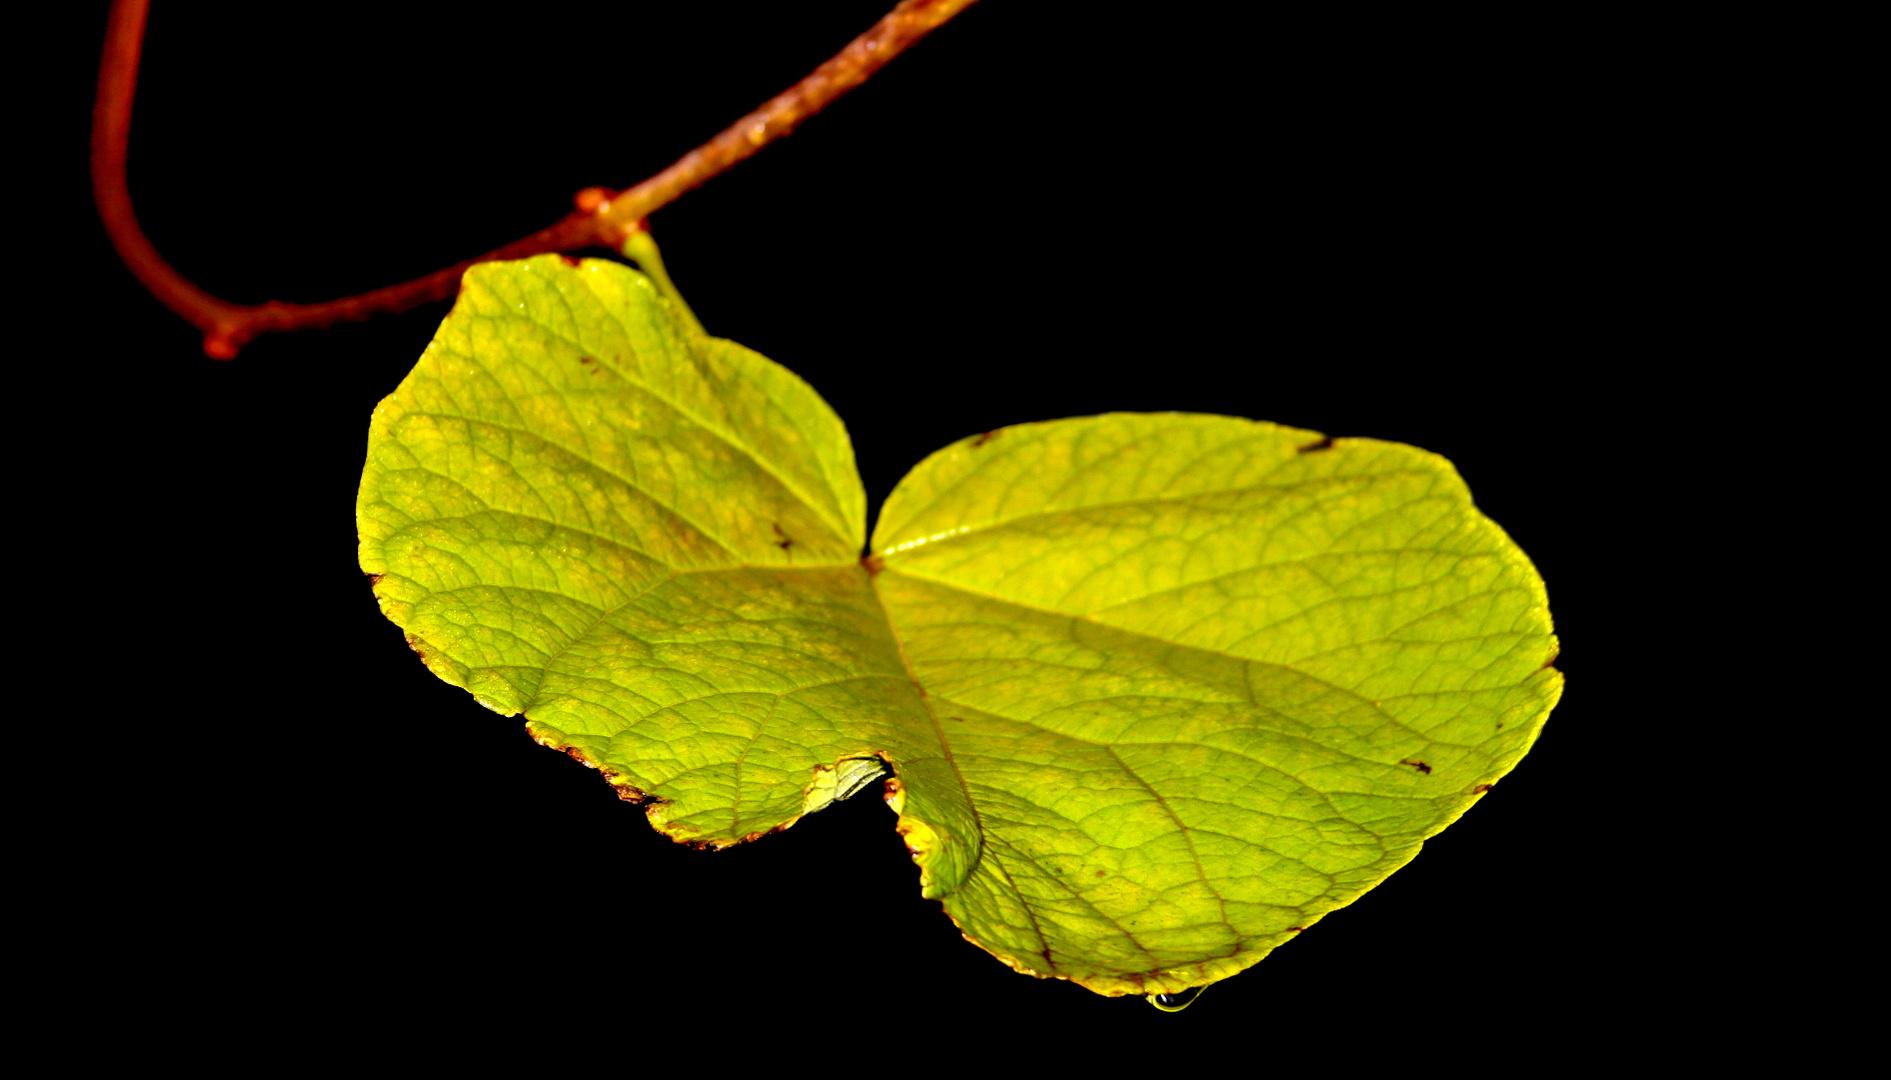 Das letzte Blatt am Baum.